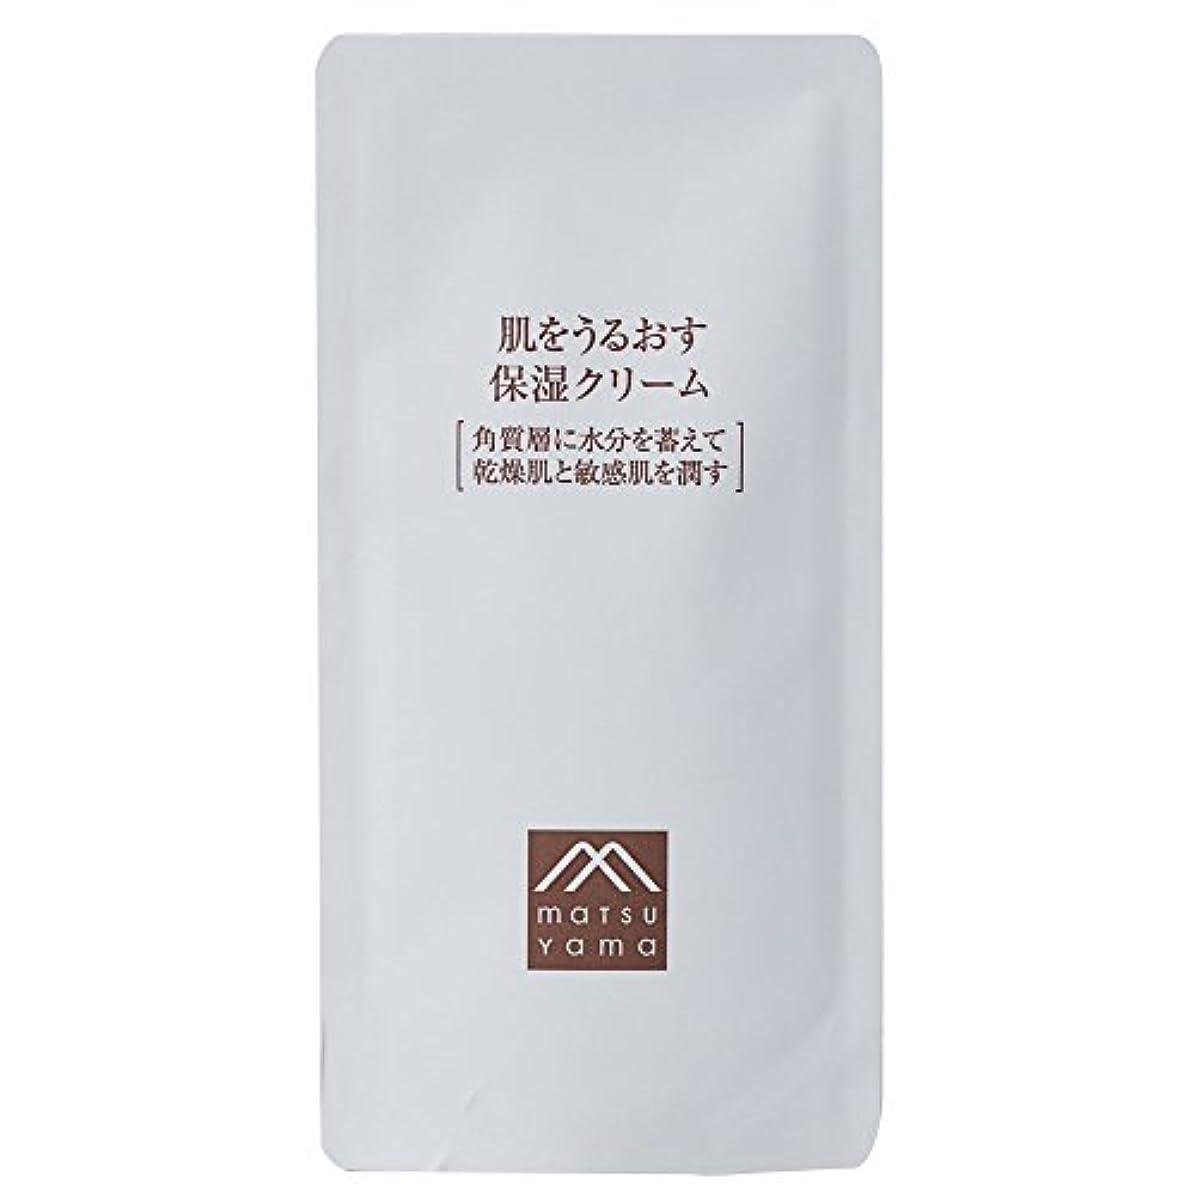 肌をうるおす保湿クリーム 詰替用(クリーム) 濃厚クリーム [乾燥肌 敏感肌]